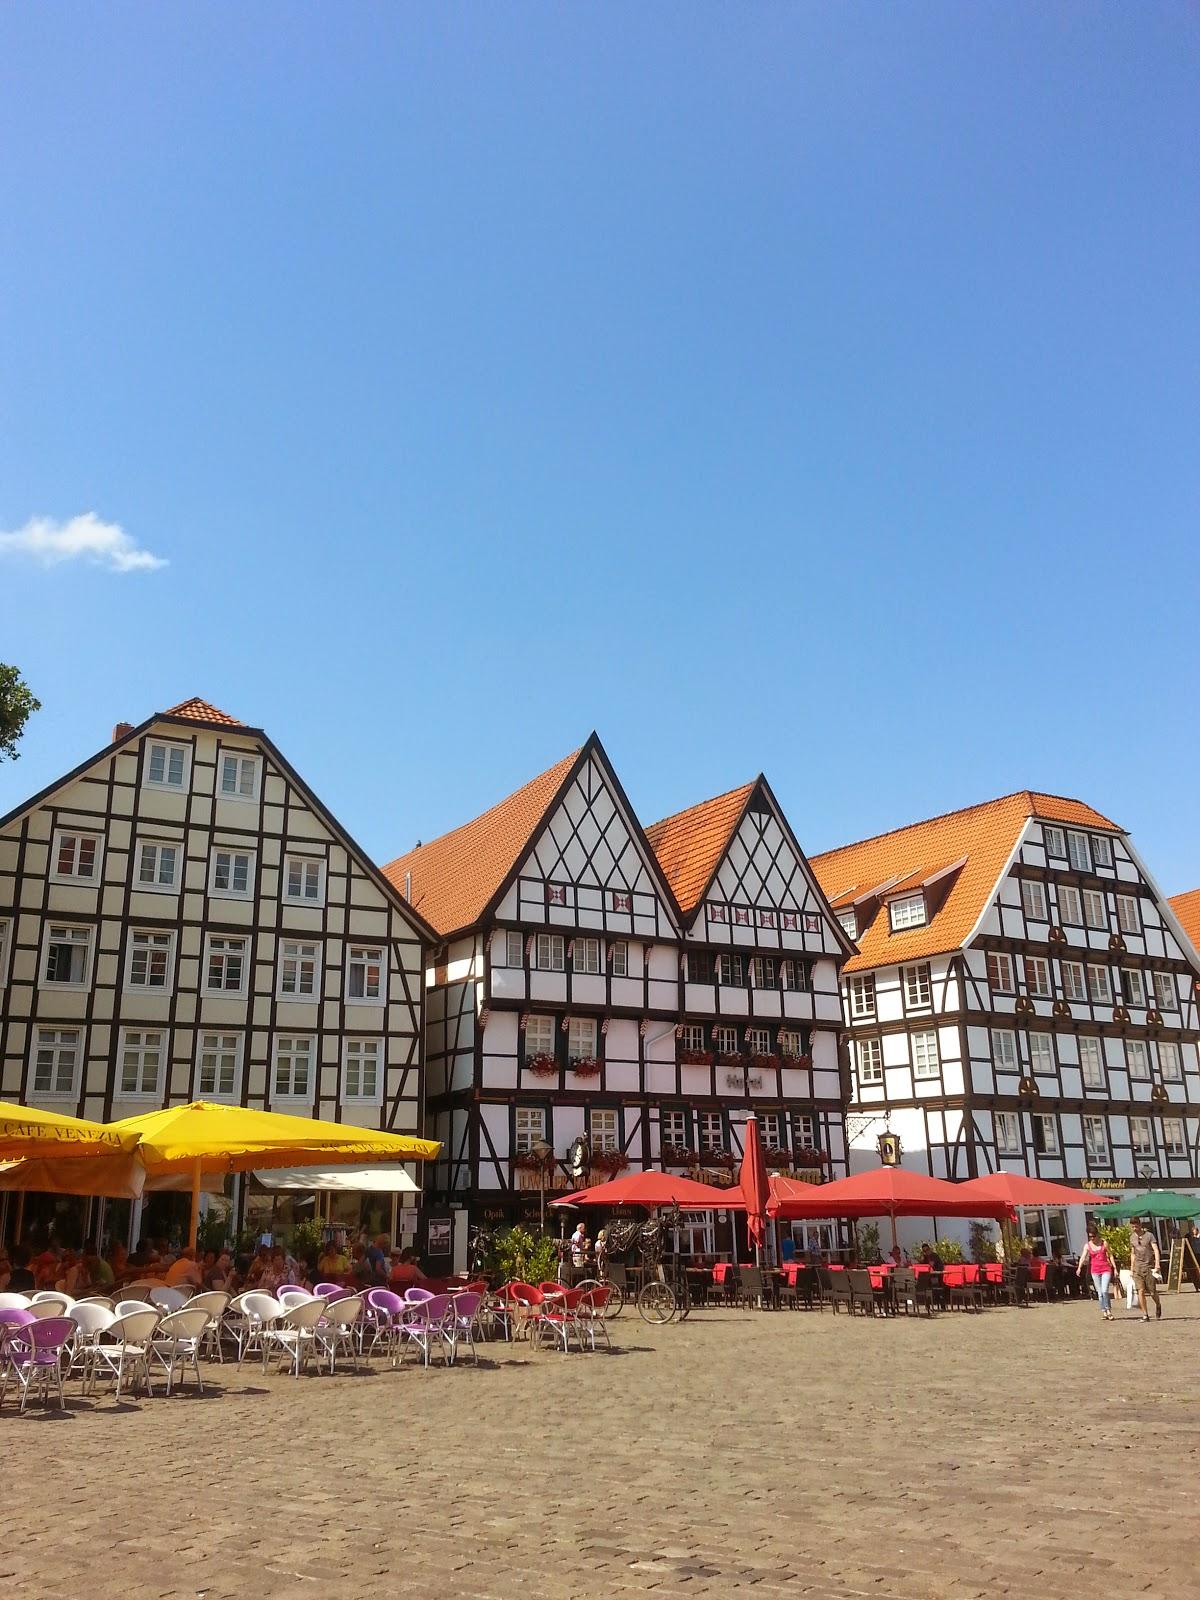 Alemania mi destino lugares con encanto - Lugares con encanto ...